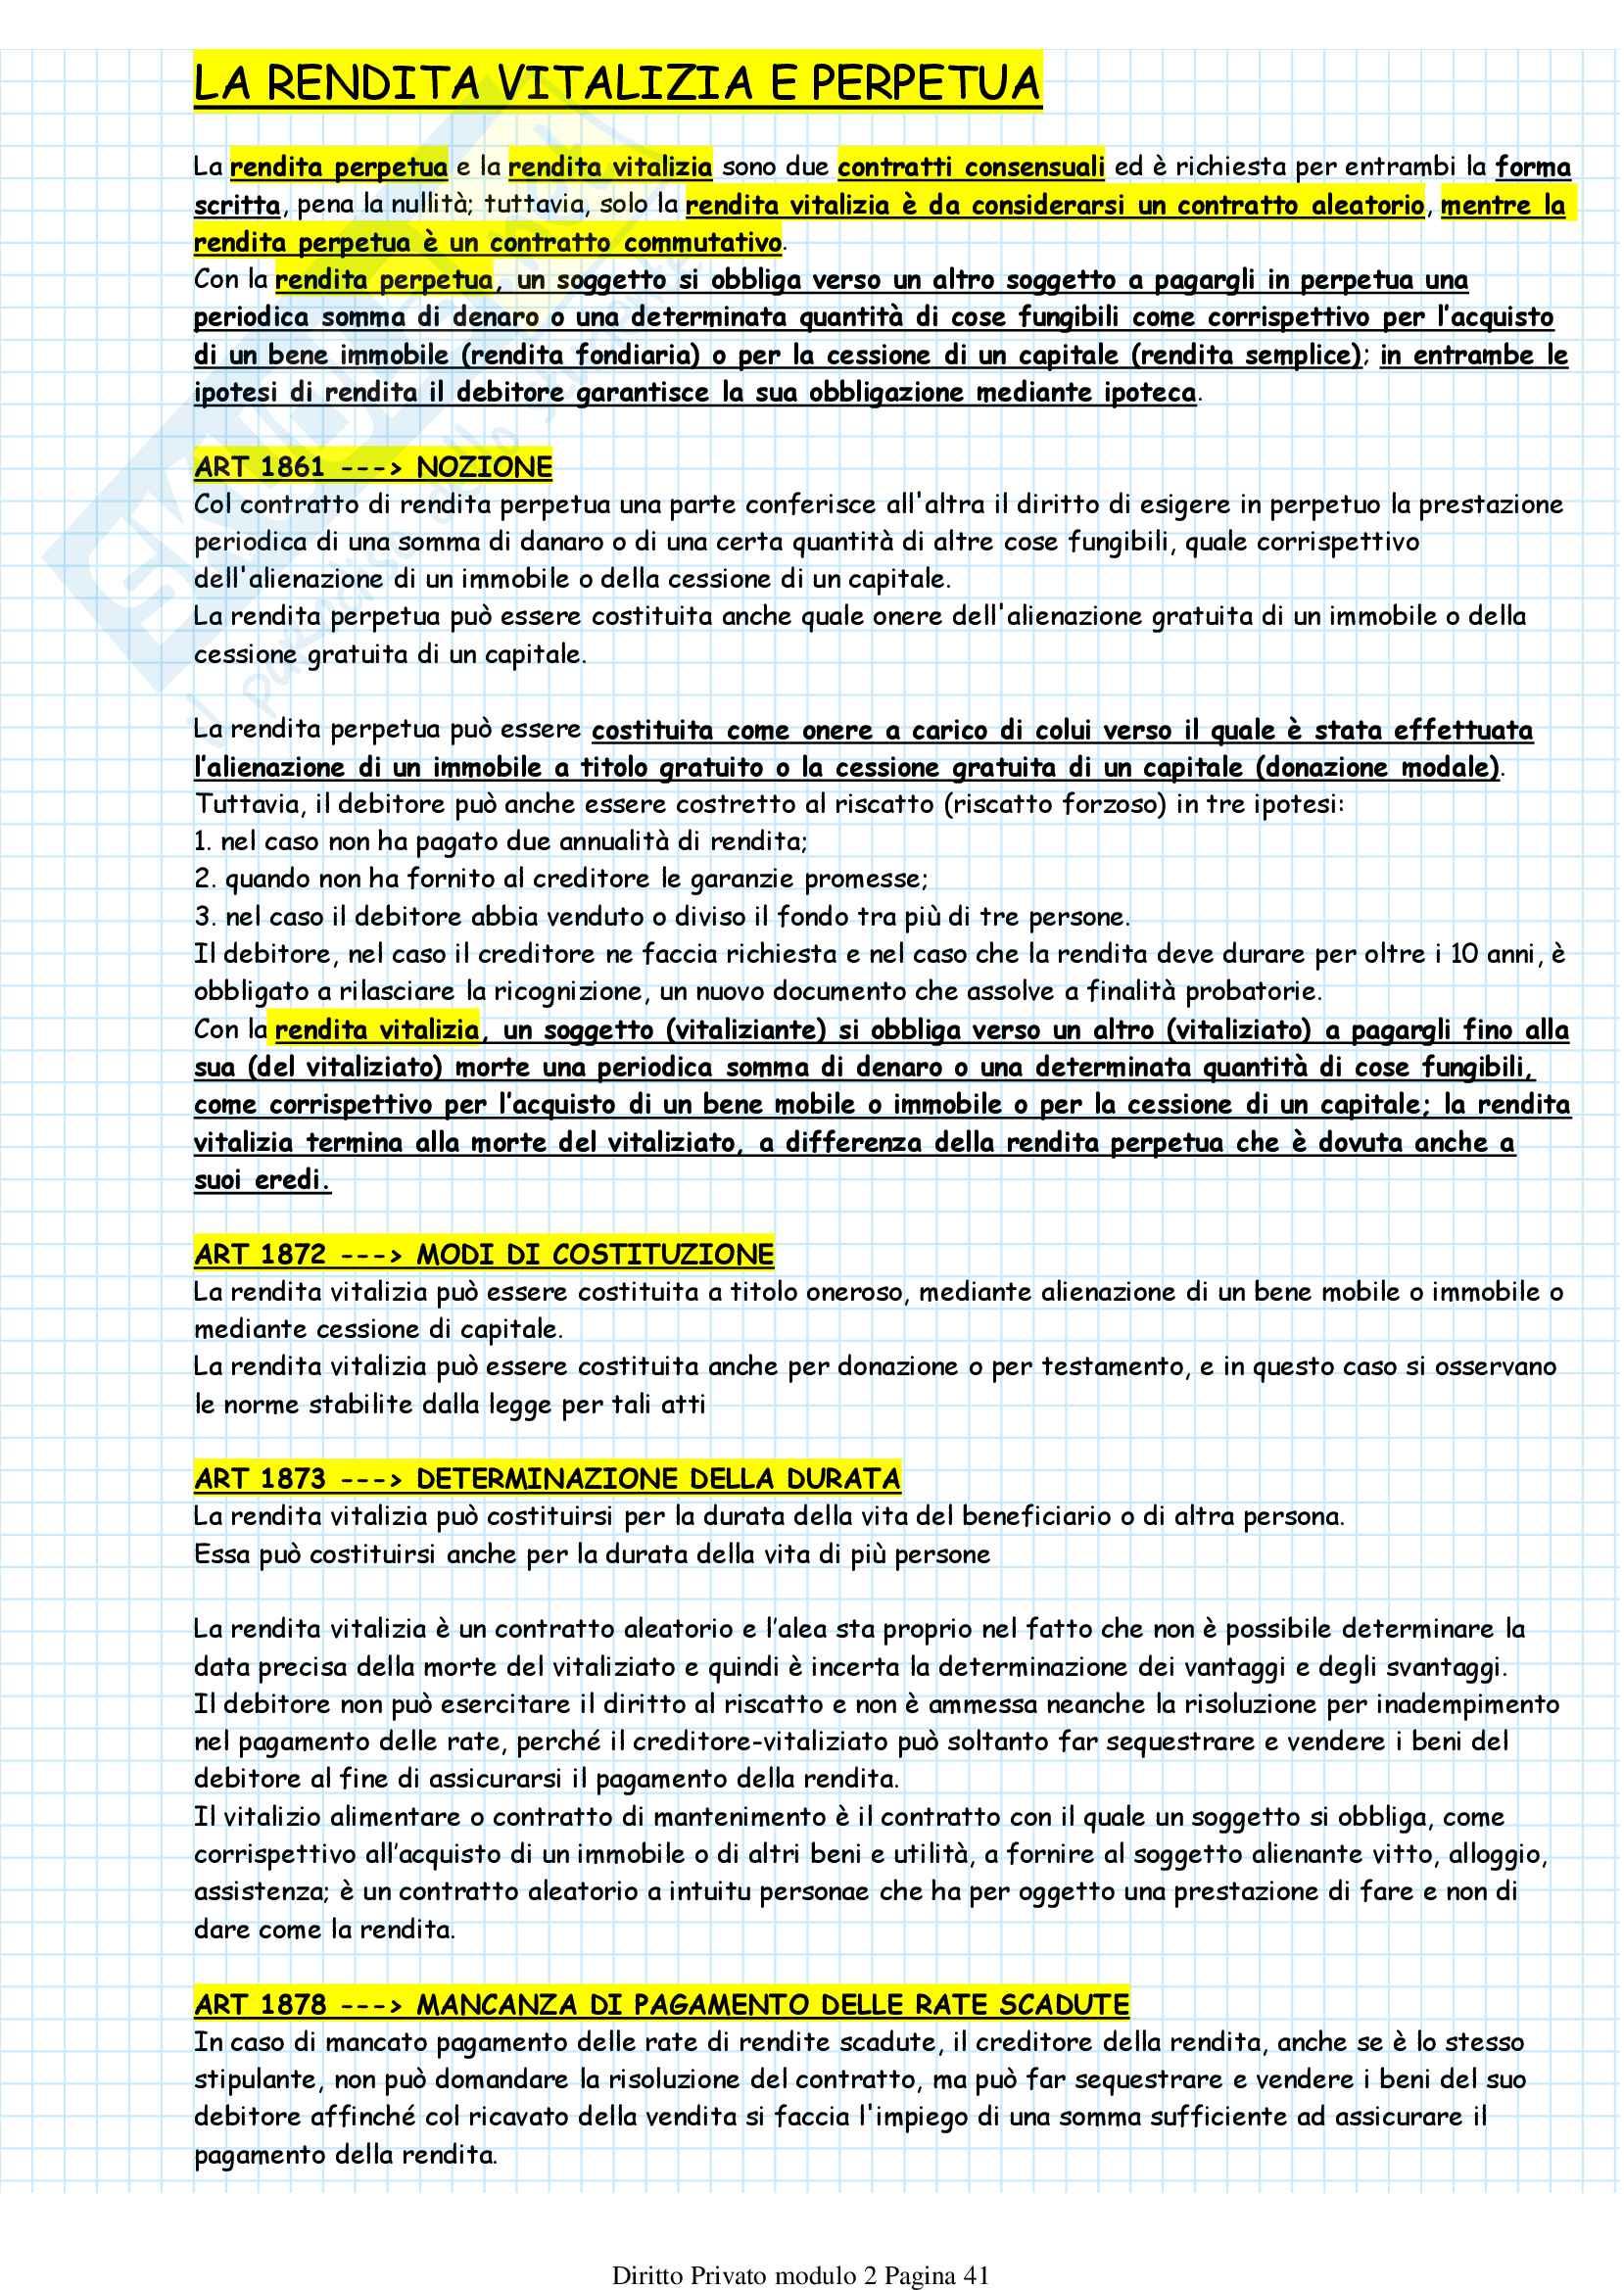 Diritto Privato modulo 2 Pag. 41